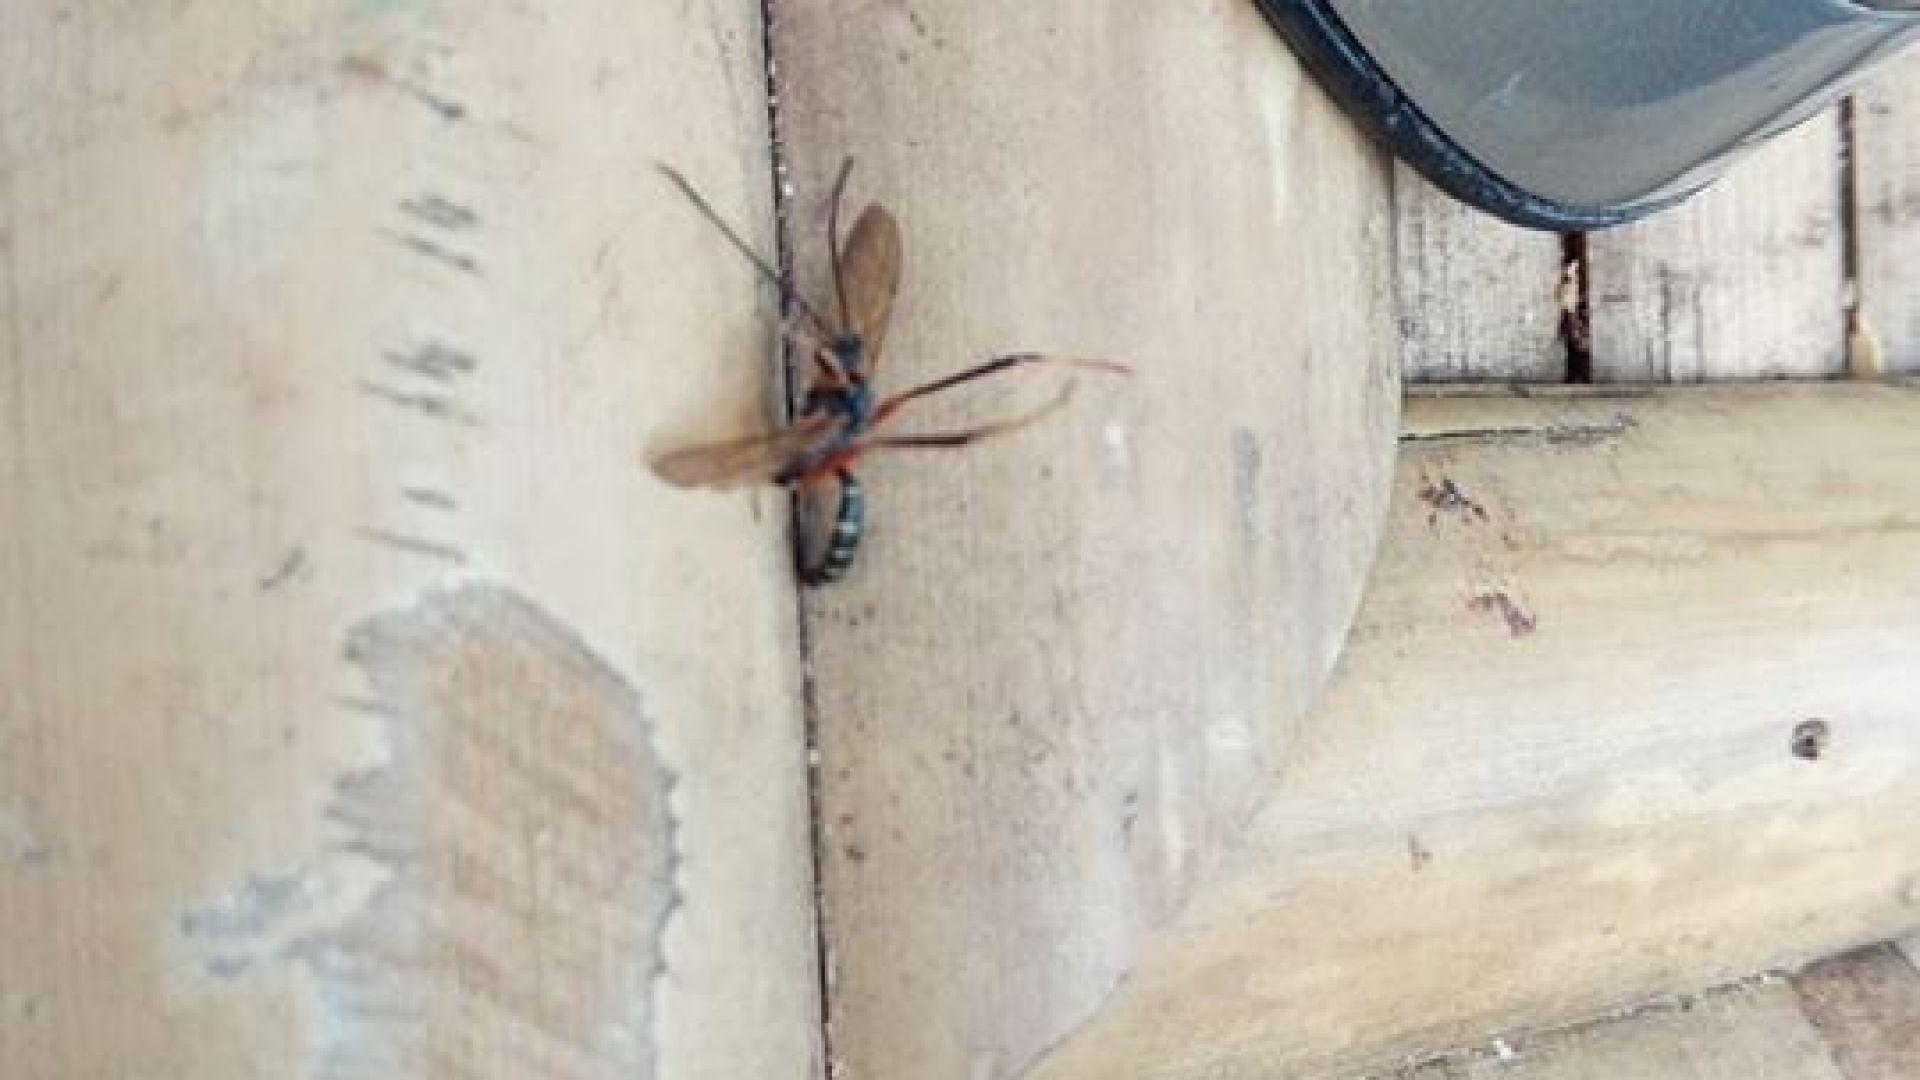 Тигров комар, сниман в близост до град Видин преди дни. В южна България този опасен вид е от години, вече е в цялата страна